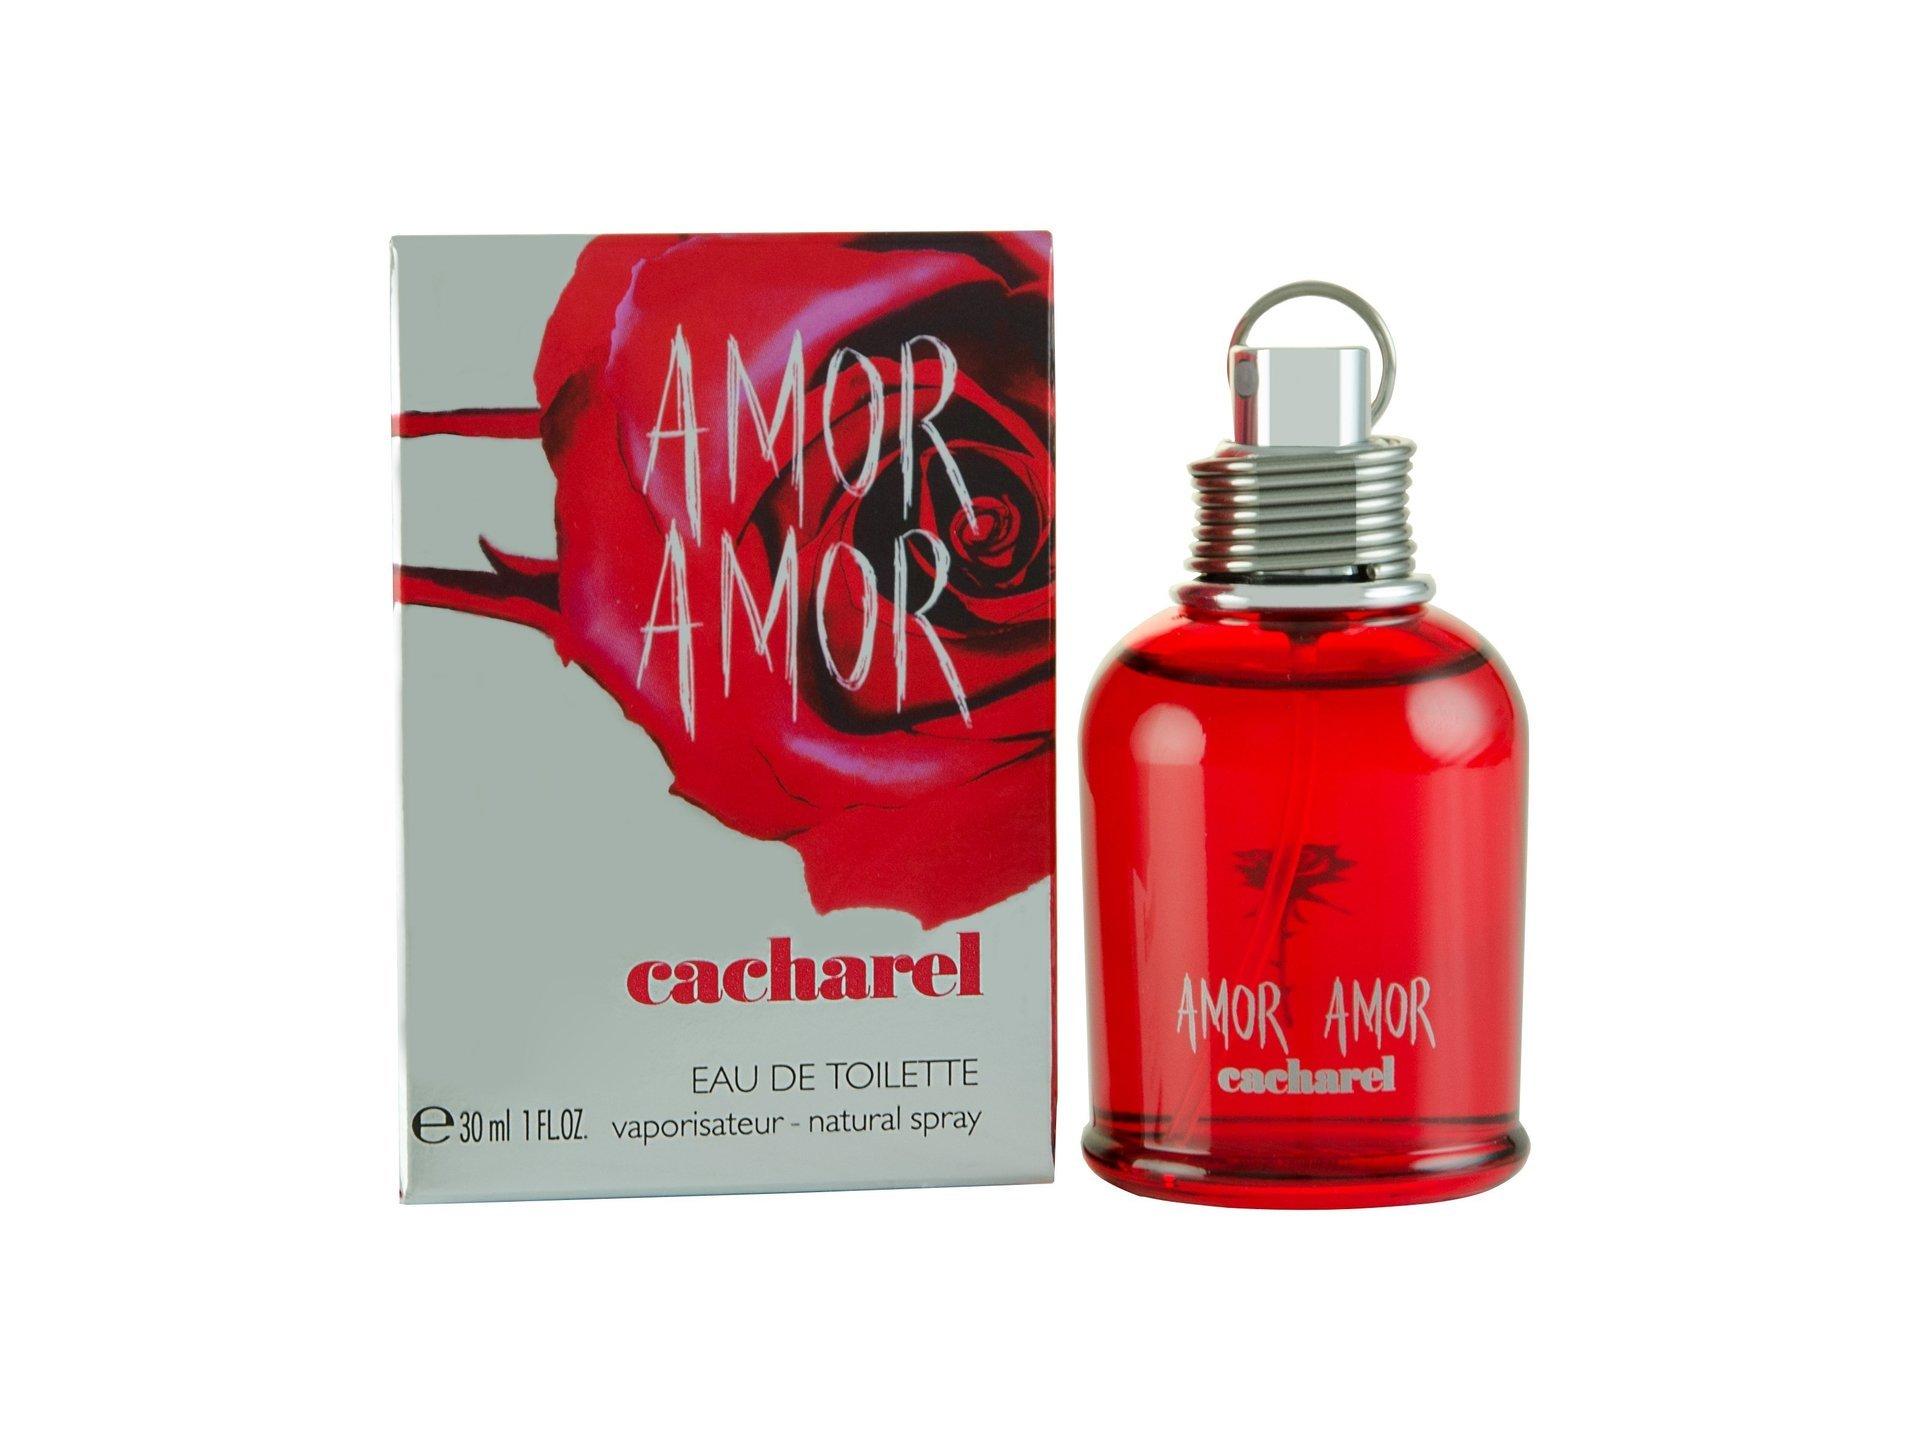 Cacharel Amor Amor Edt 30ml Spray